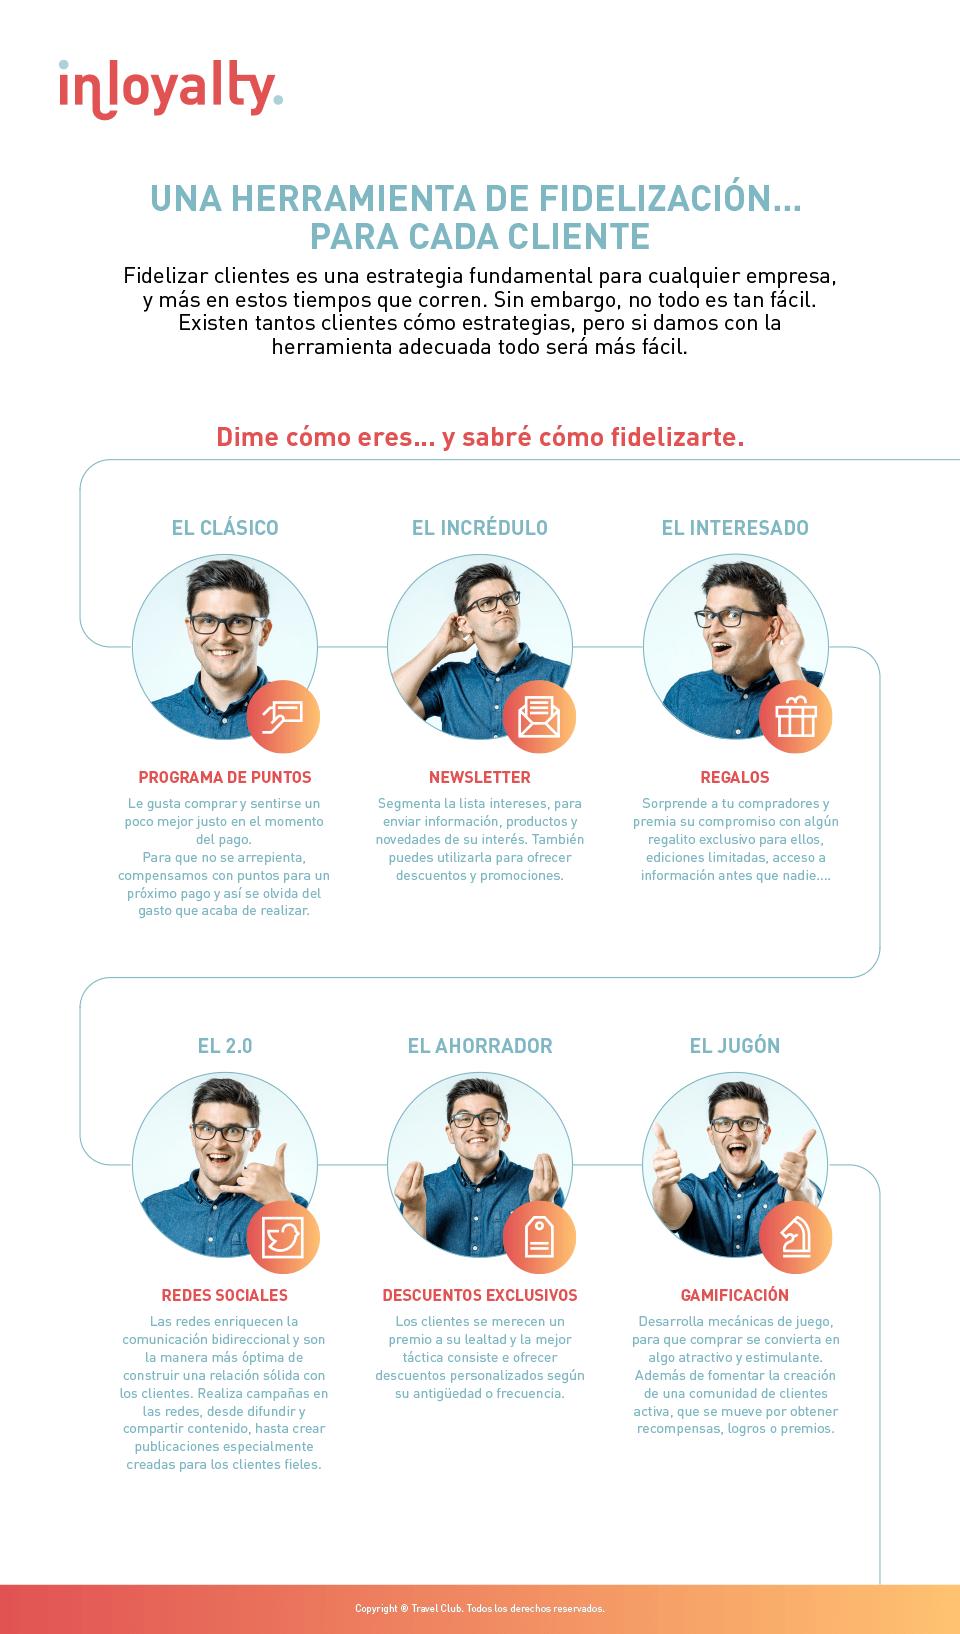 Infografía: una herramienta de fidelización para cada cliente